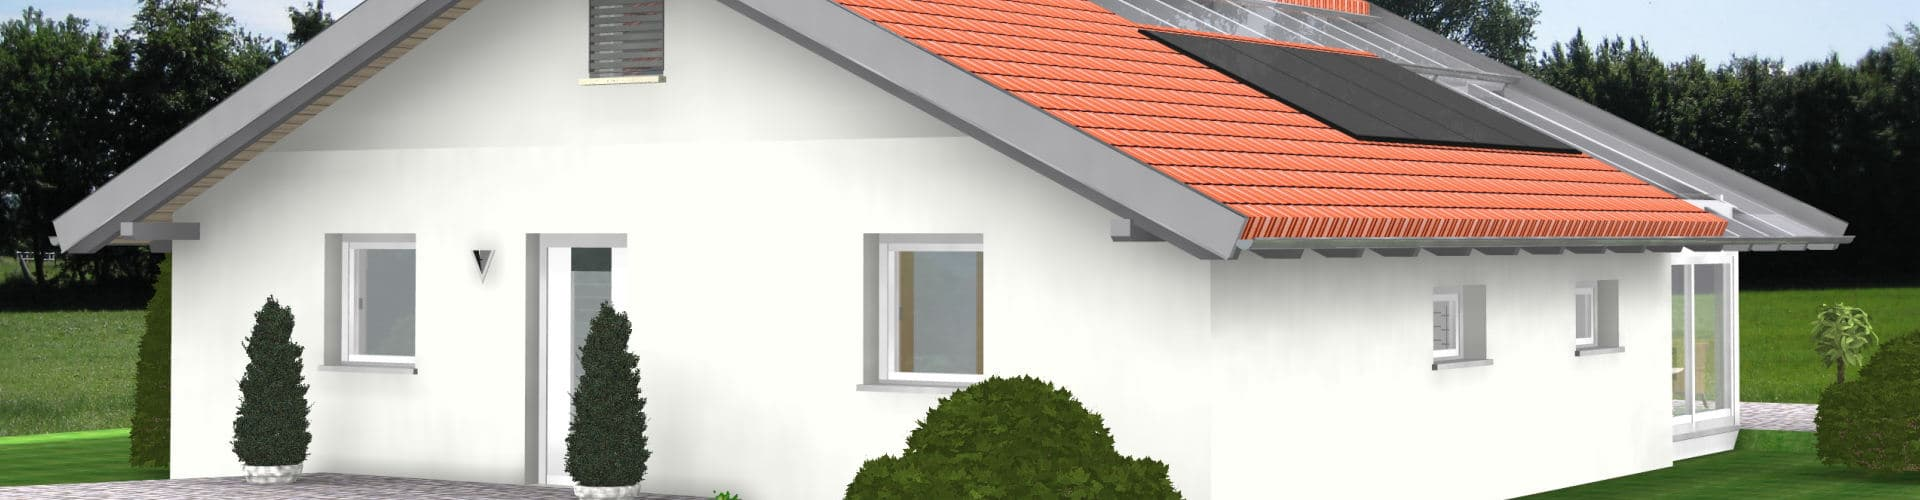 Holzhaus bungalow preise